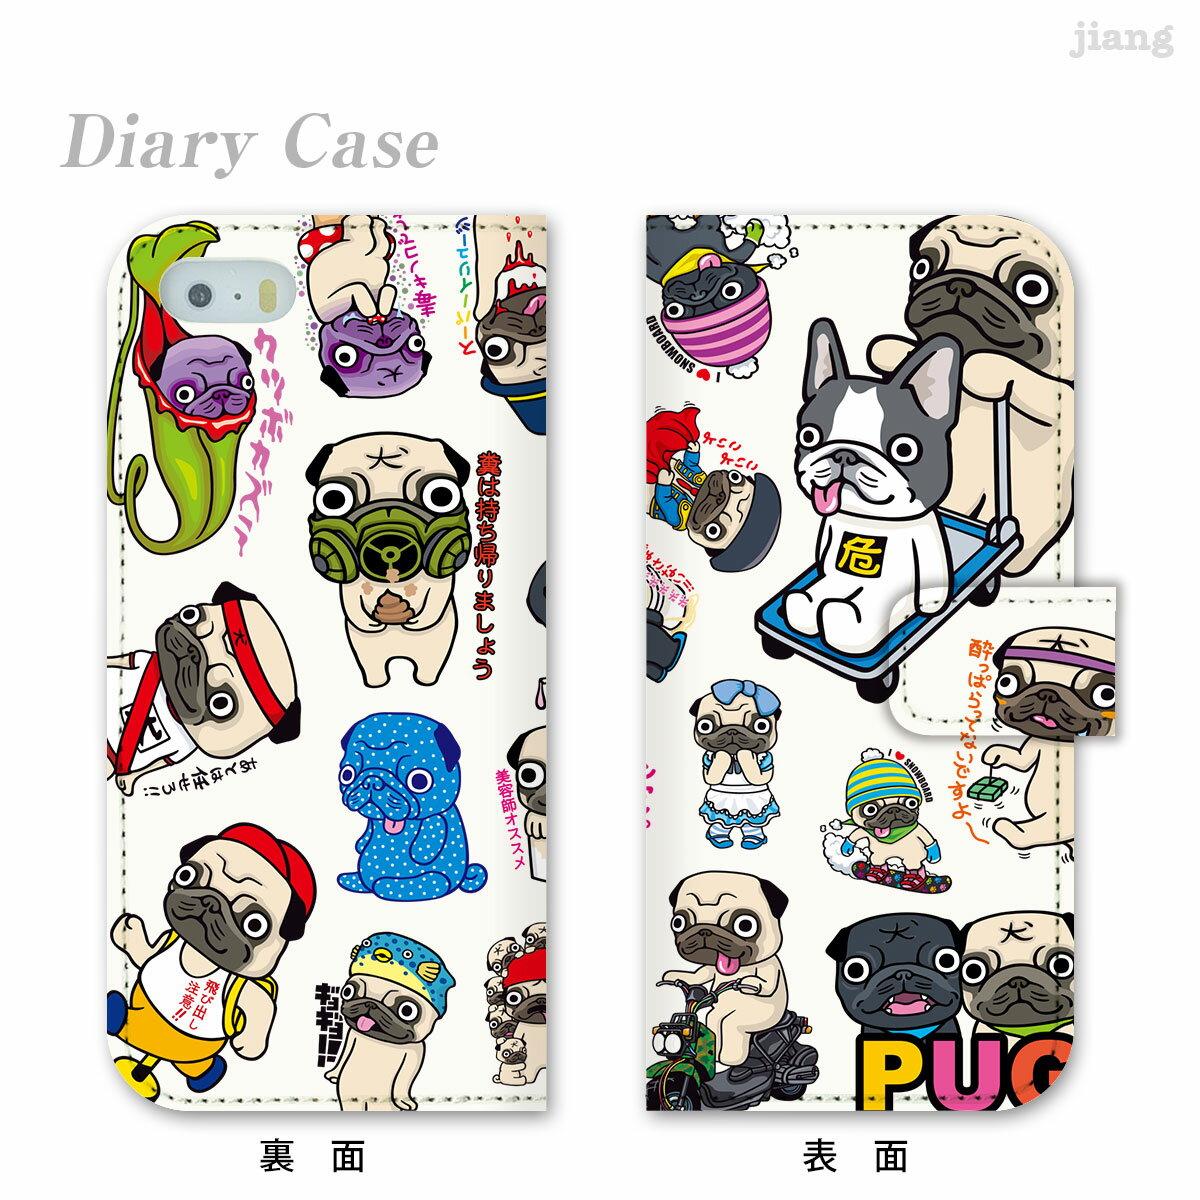 スマホケース 手帳型 全機種対応 手帳 ケース カバー iPhoneX iPhone8 ケース iPhone7ケース iPhone7 iPhone6s Plus iPhone SE Xperia XZ2 SO-03K SO-05K XZ1 SO-01K XZ SO-04J XZs aquos R2 sh-04k R sh-03k arrows galaxy S9 S8 けいすけ パグ 86-ip5-ds0001